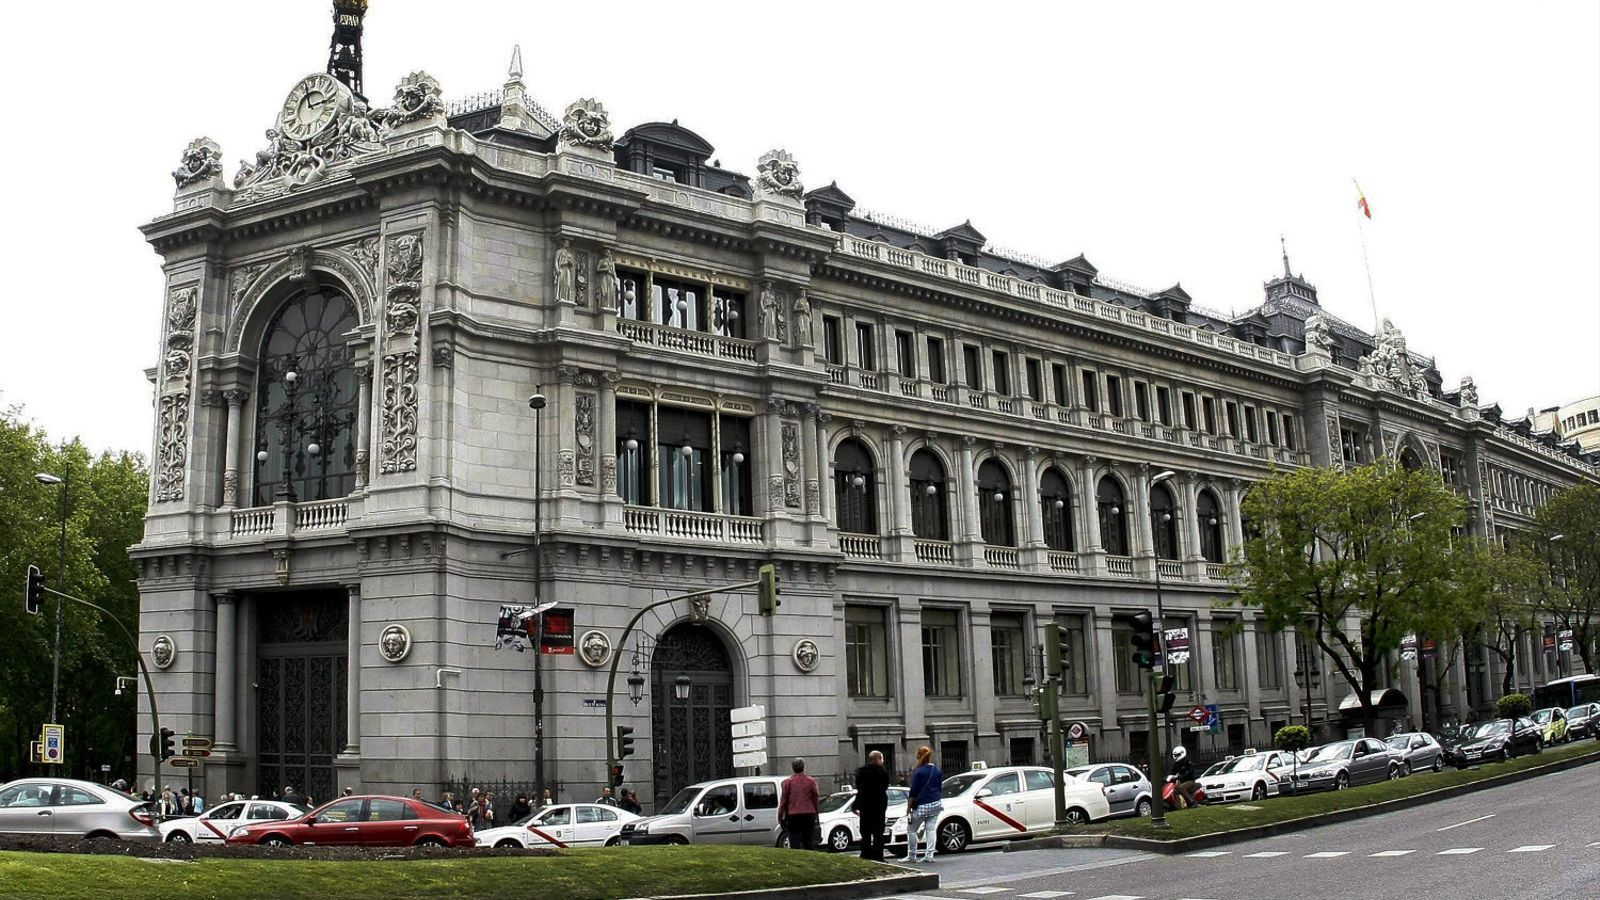 """Els supervisors com el Banc d'Espanya (a la foto) """"sempre acaben fent el que demana qui dirigeix l'status quo"""", afirma l'autor."""